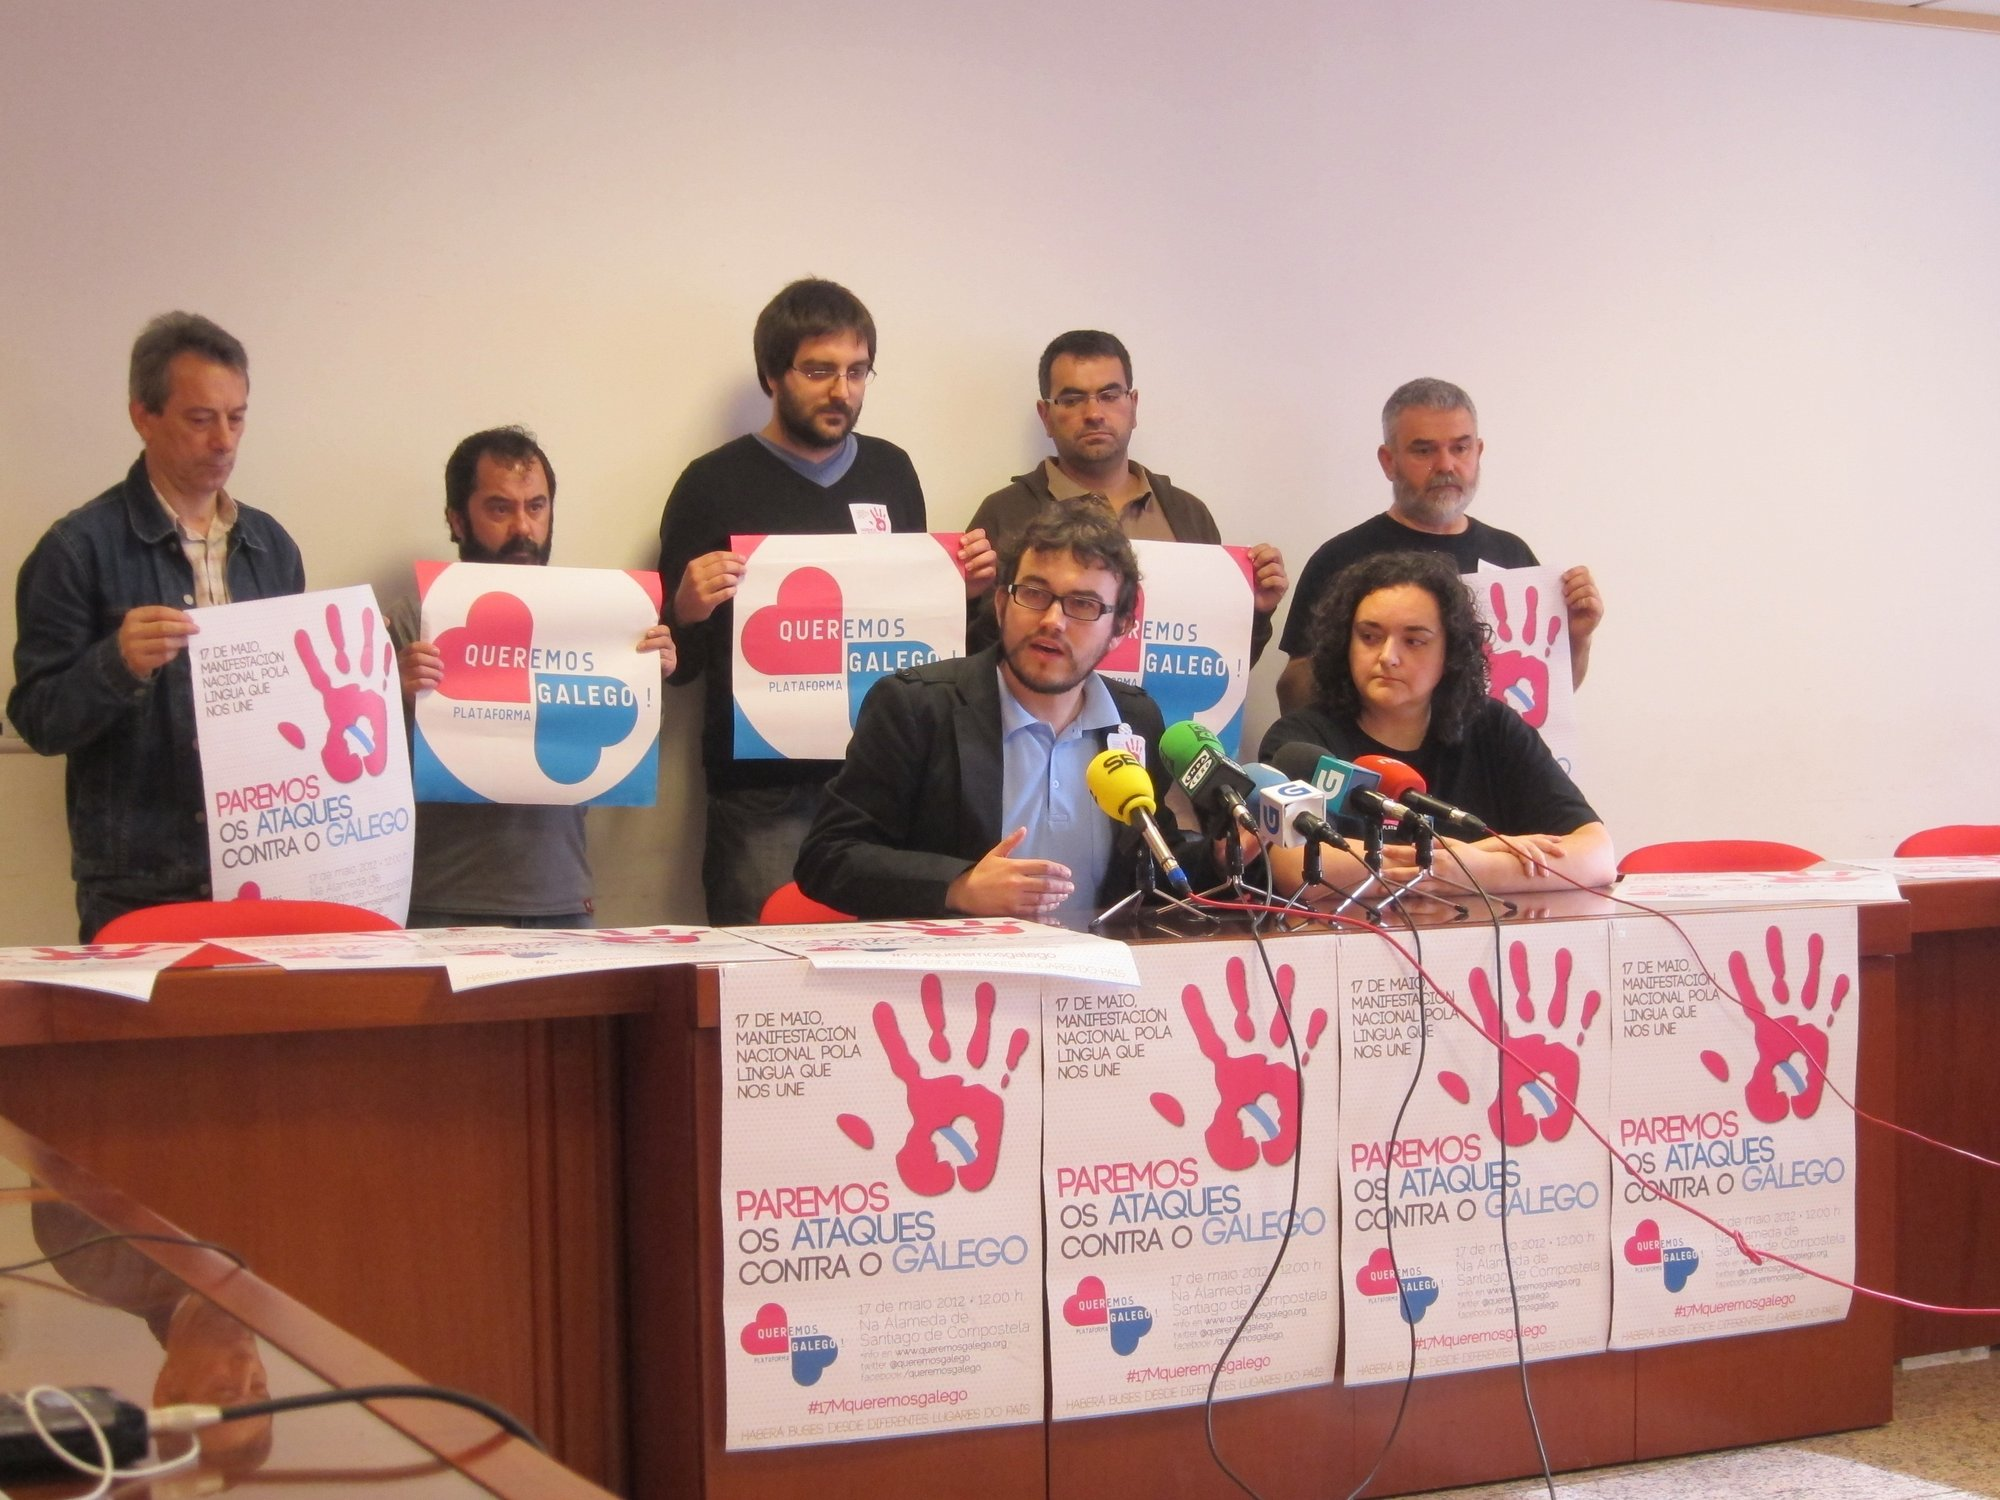 Queremos Galego convoca una «movilización masiva» en Santiago para «parar los ataques» al gallego